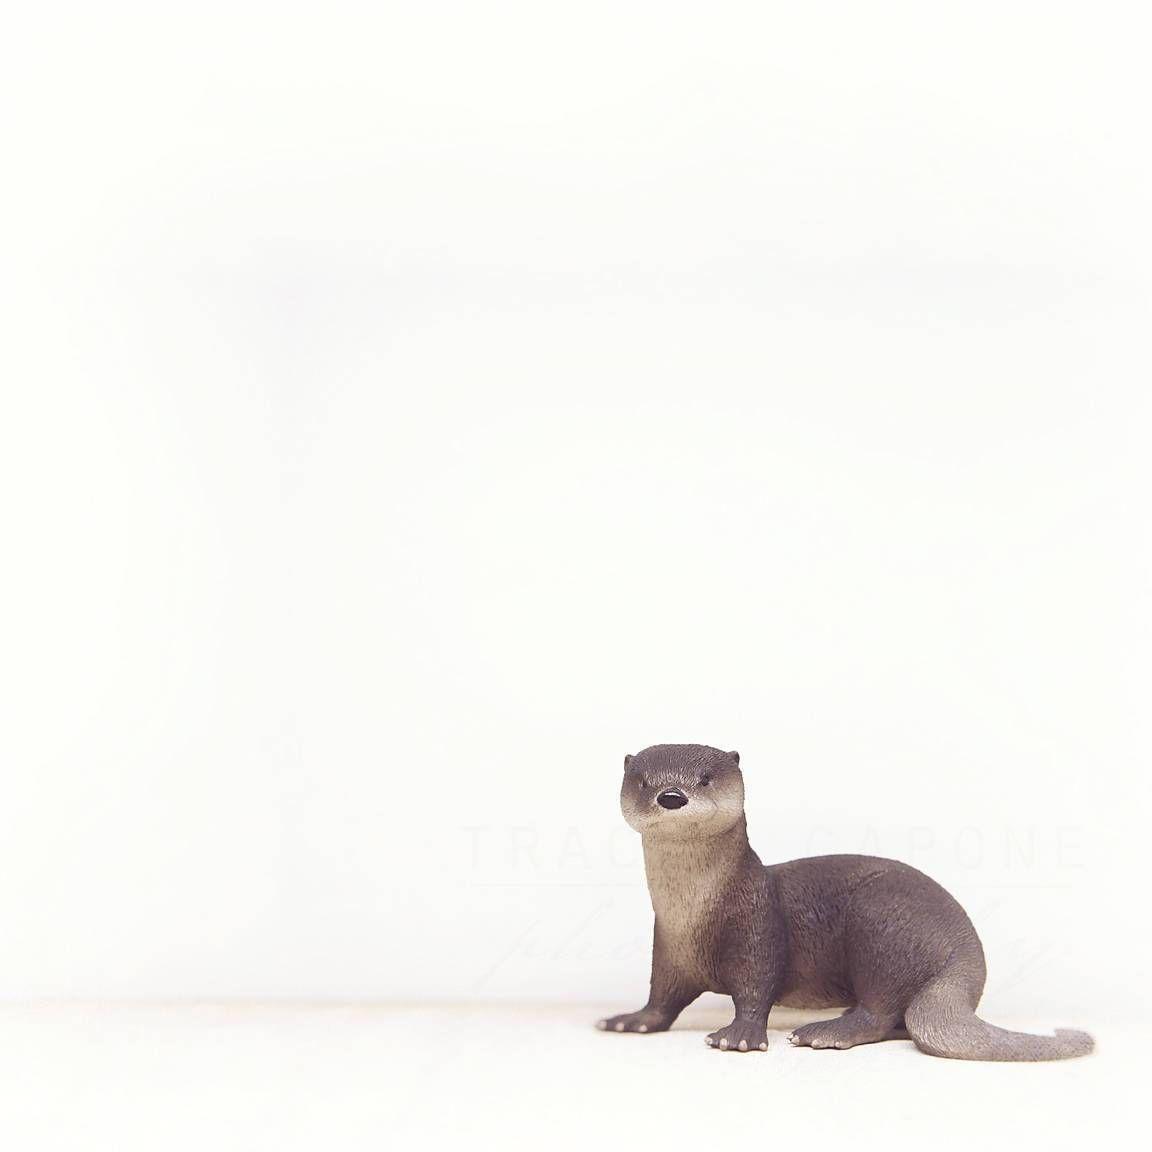 Otter Portrait | Nursery Wall Art